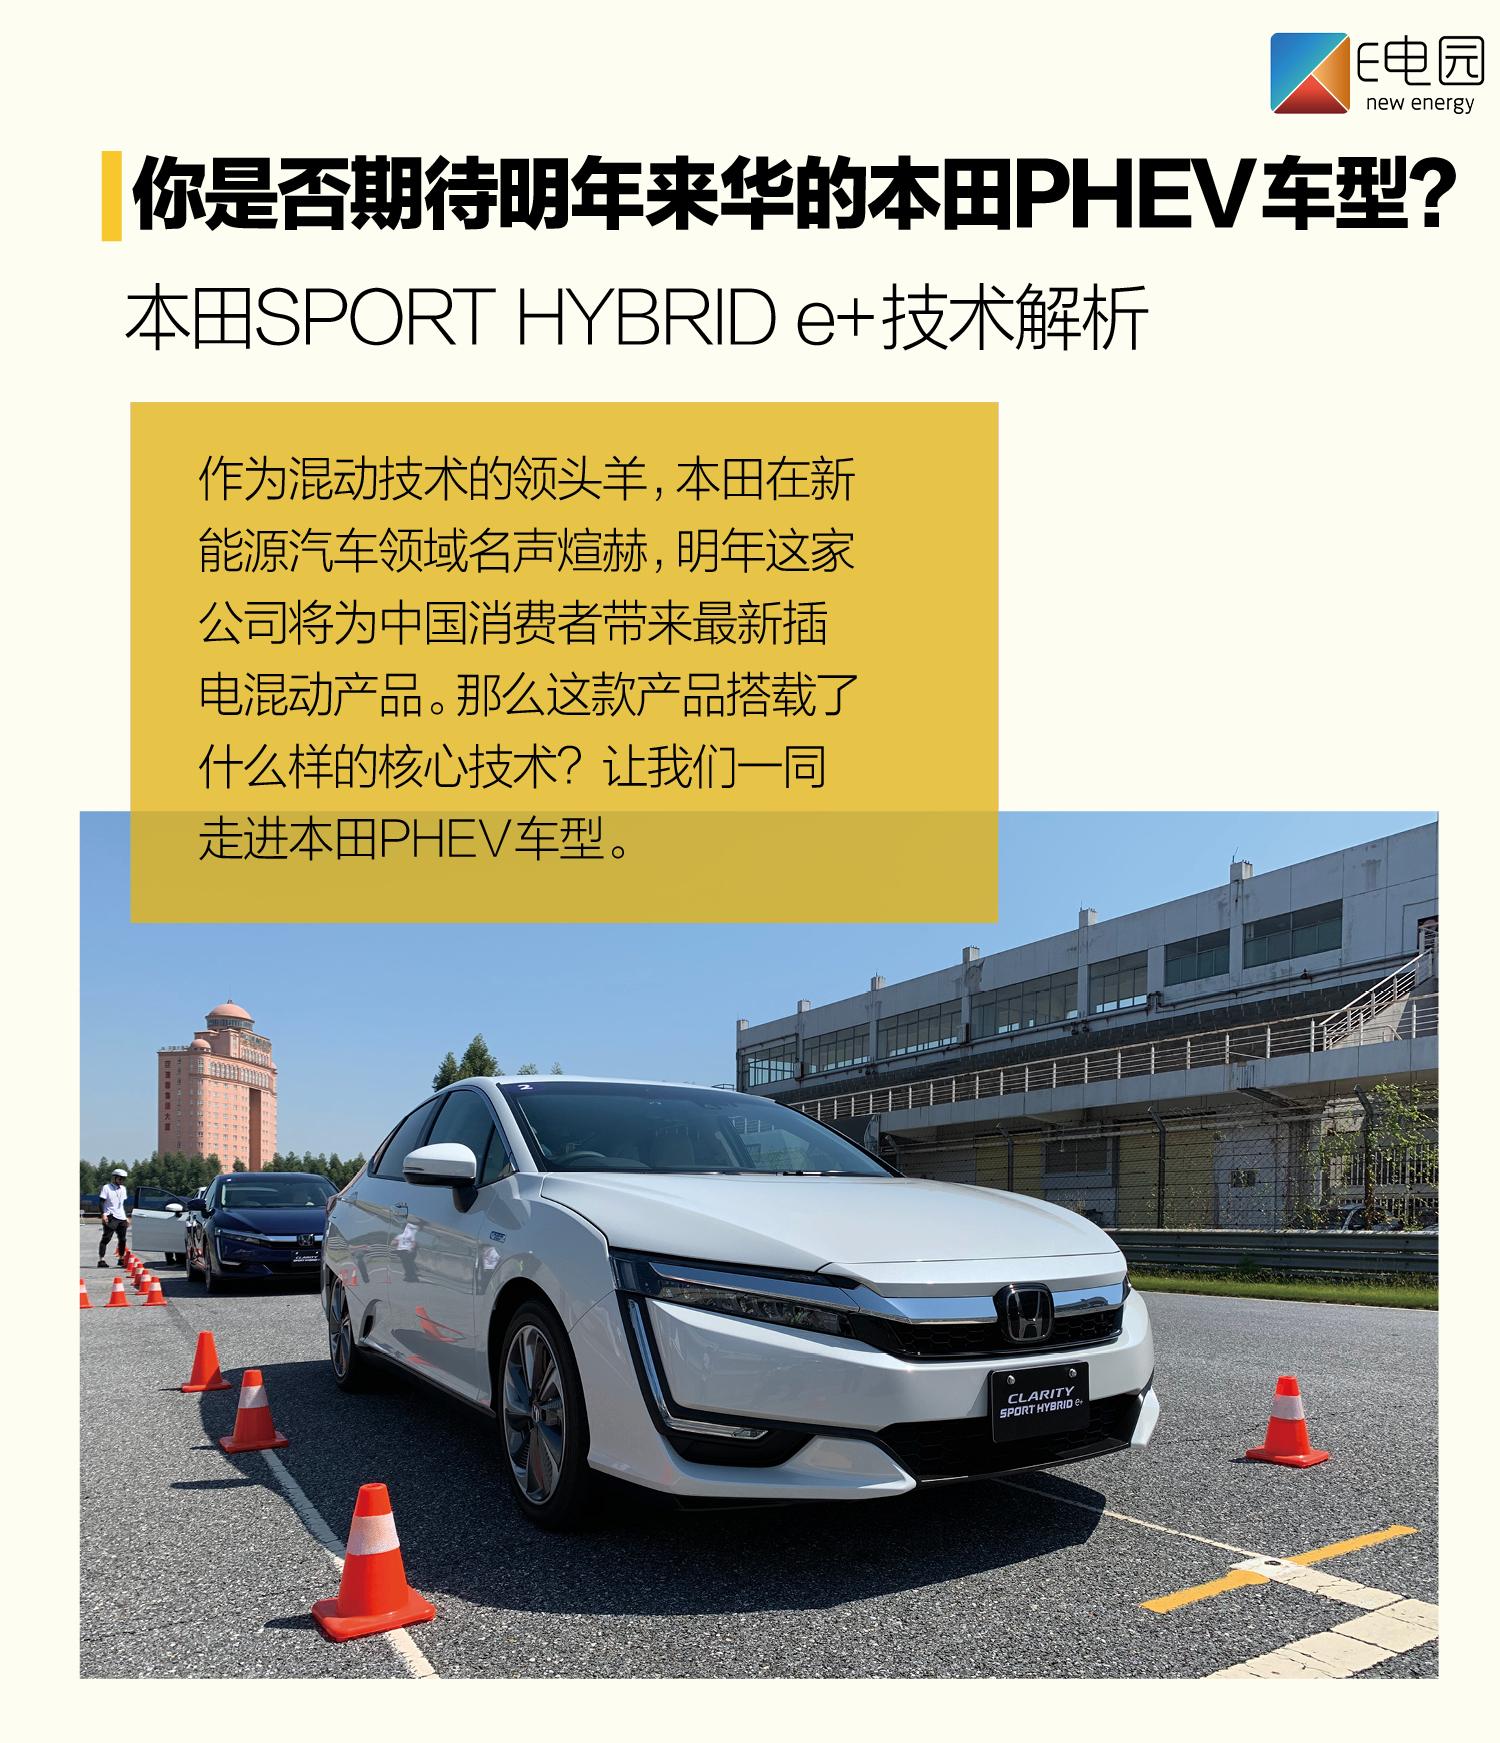 你是否期待明年来华的本田PHEV车型? 本田SPORT HYBRID e+技术解析(第1页) -